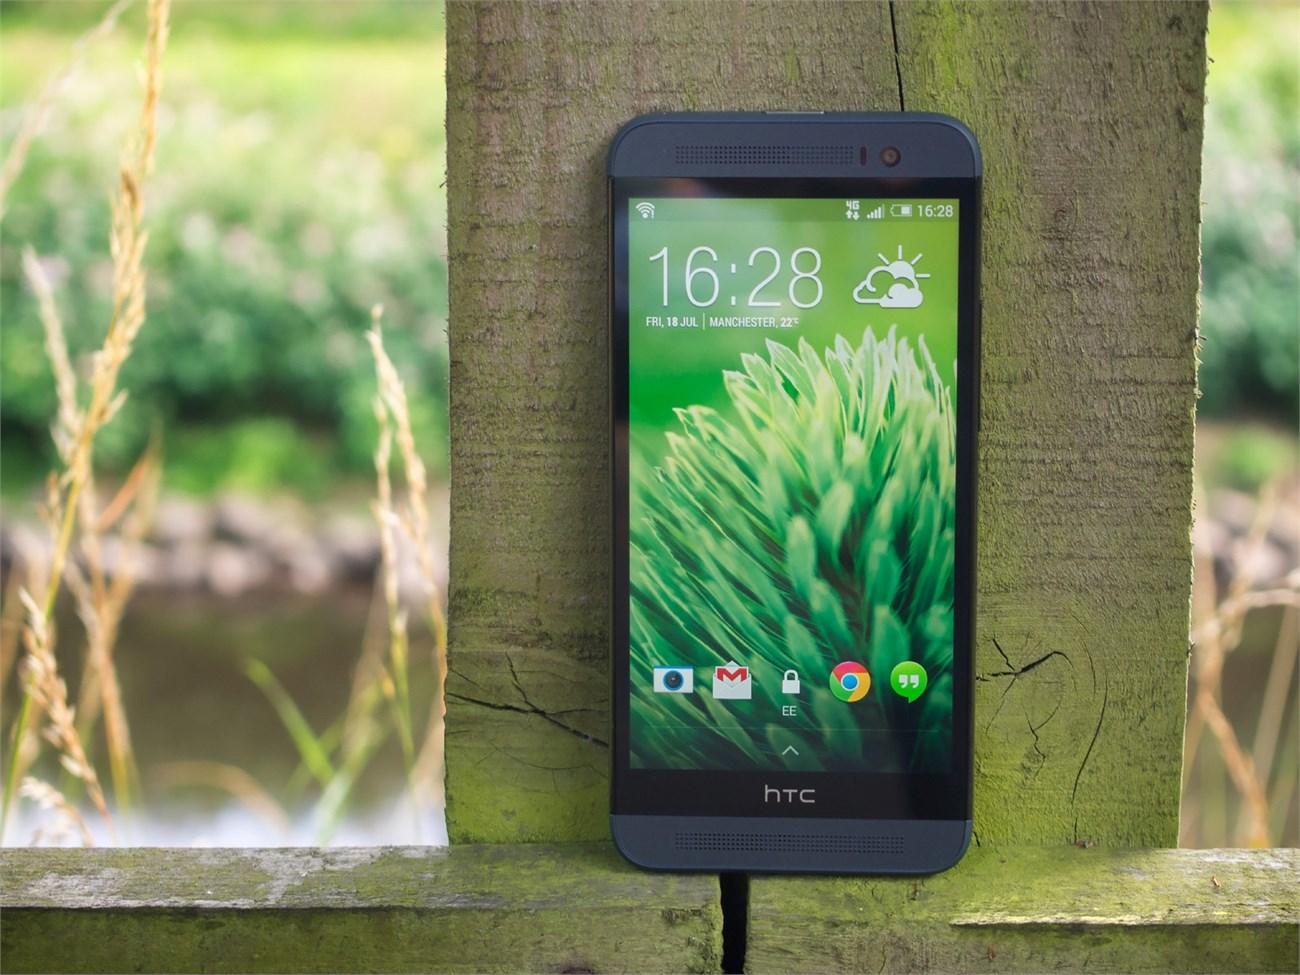 HTC One E8 Dual mang những trang bị của một sản phẩm đầu bảng